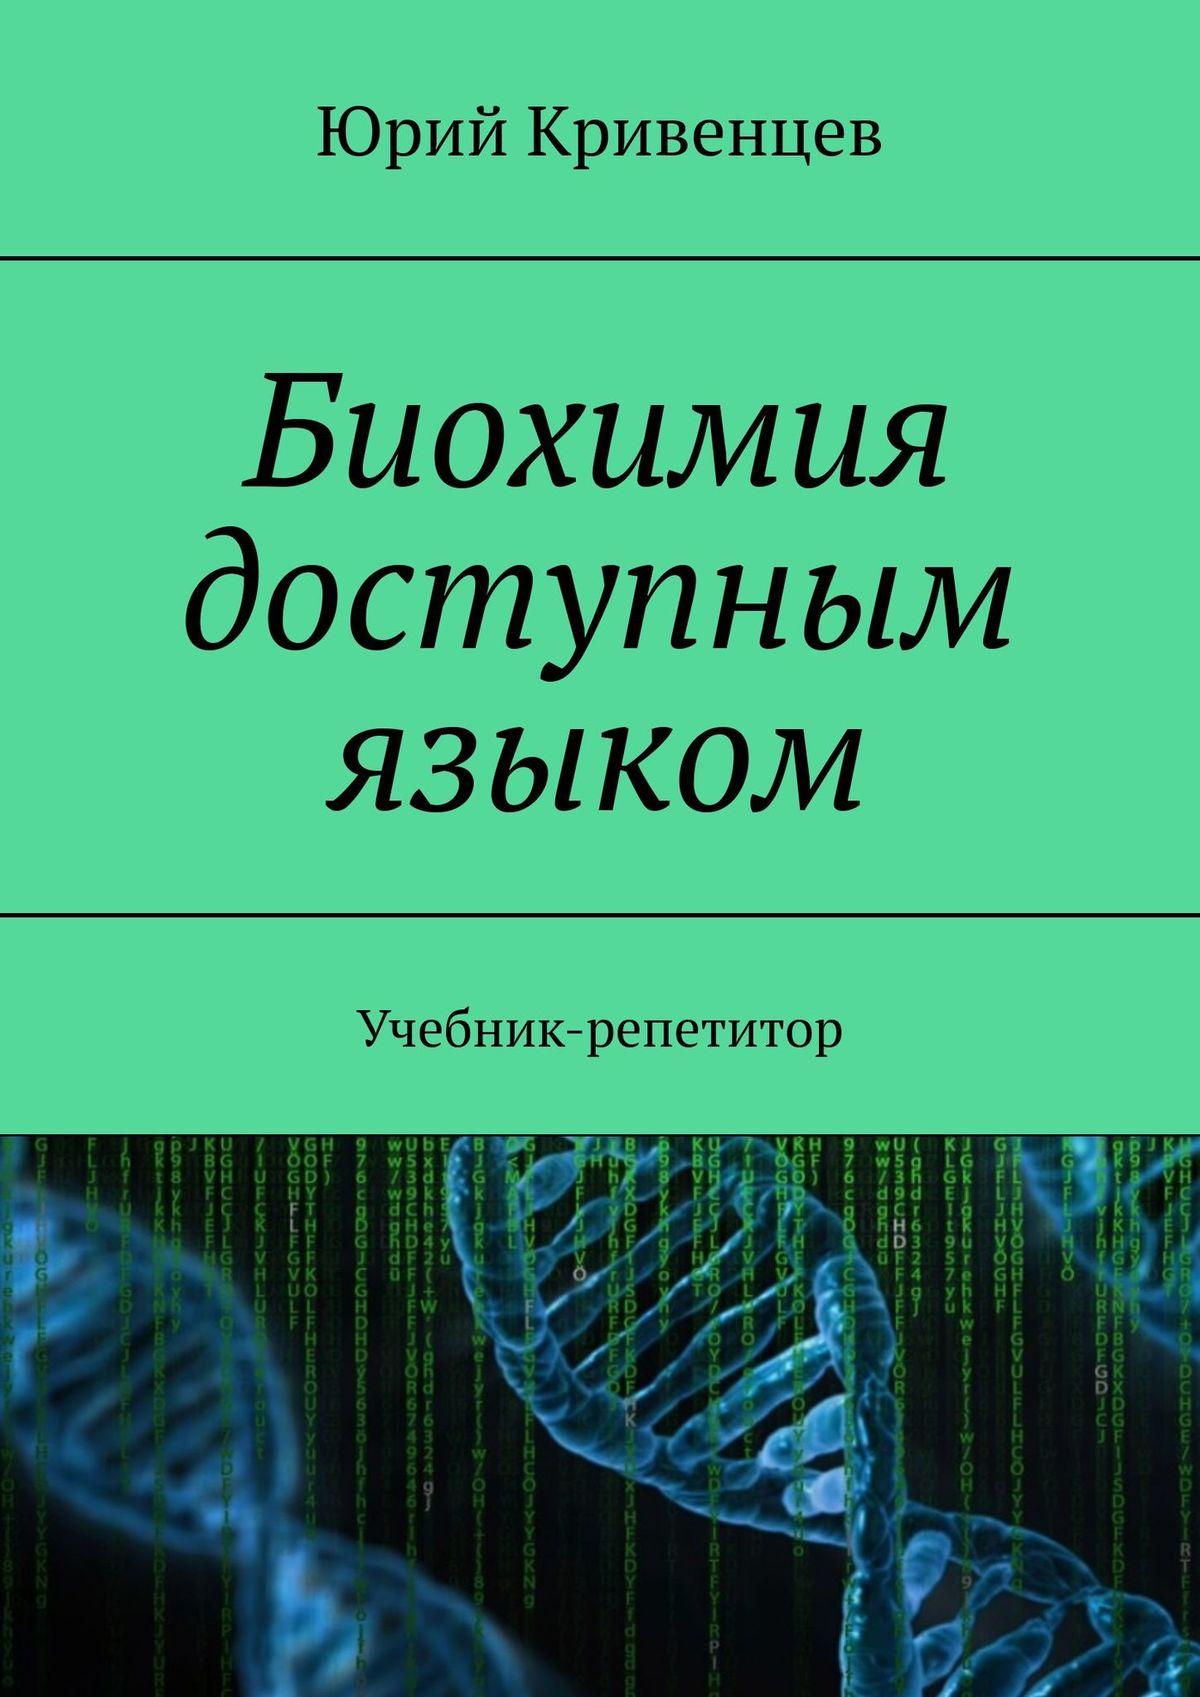 Купить книгу Биохимия доступным языком. Учебник-репетитор, автора Юрия Кривенцева